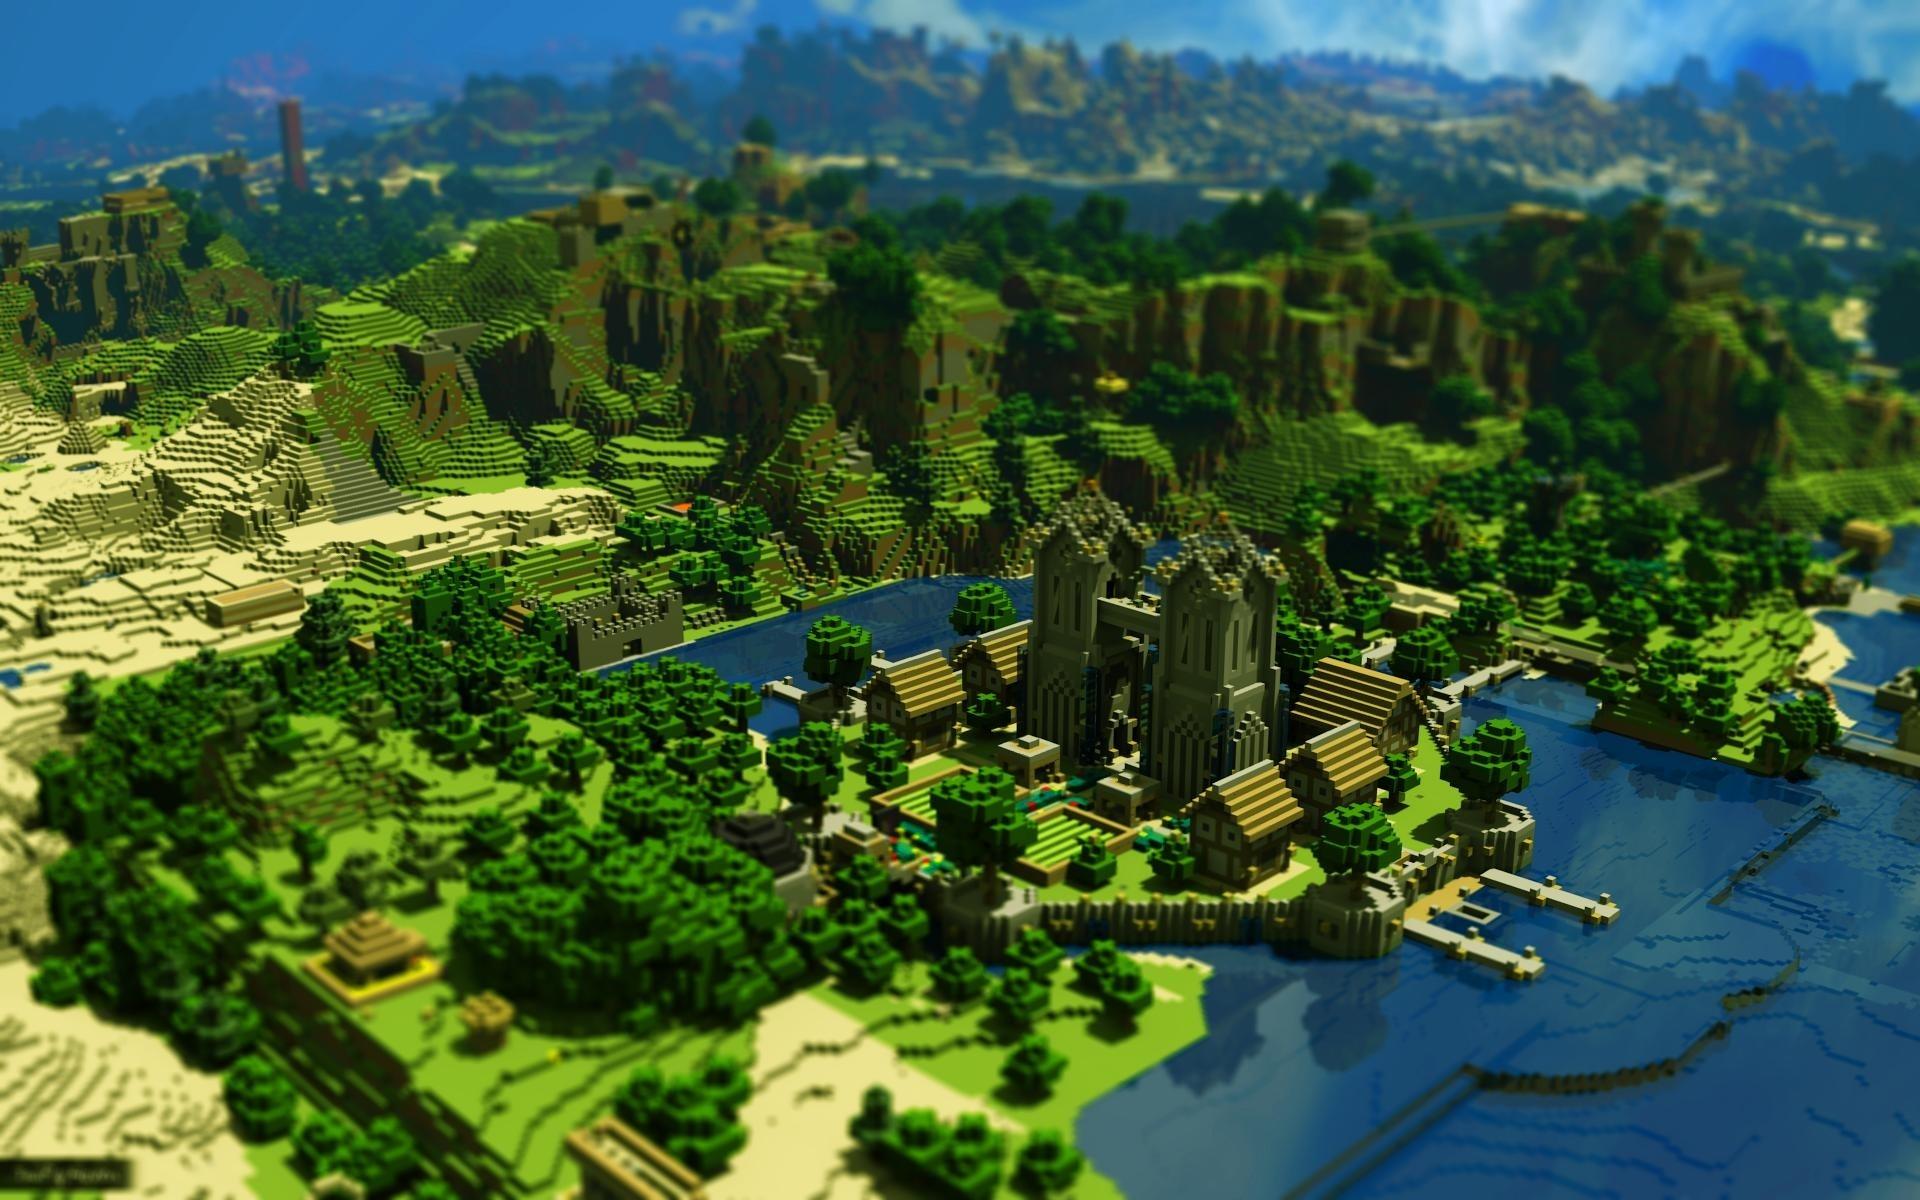 Case Di Montagna Minecraft : Sfondi alberi montagne città paesaggio urbano acqua